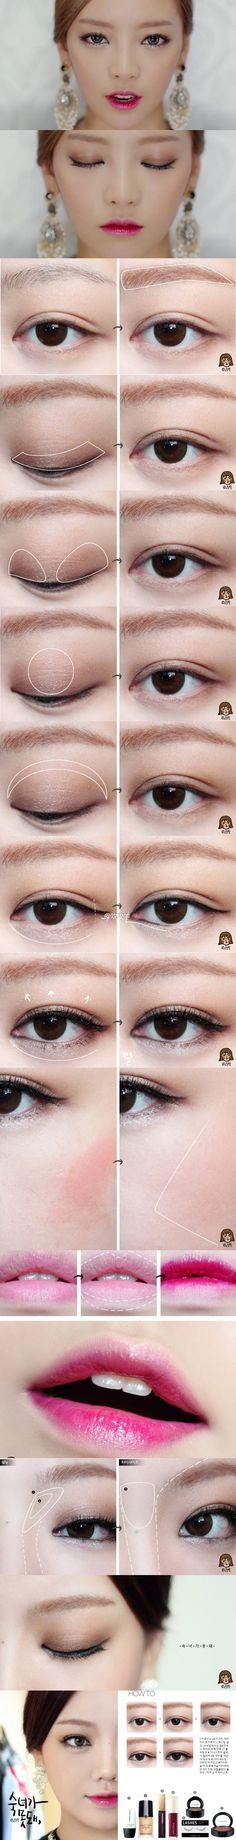 这个妆容最重点的4个Tips———— 1、略微上挑的眼线。 2、浓密的睫毛。 3、闪亮的眼头。 4、超级美丽的咬唇妆容。